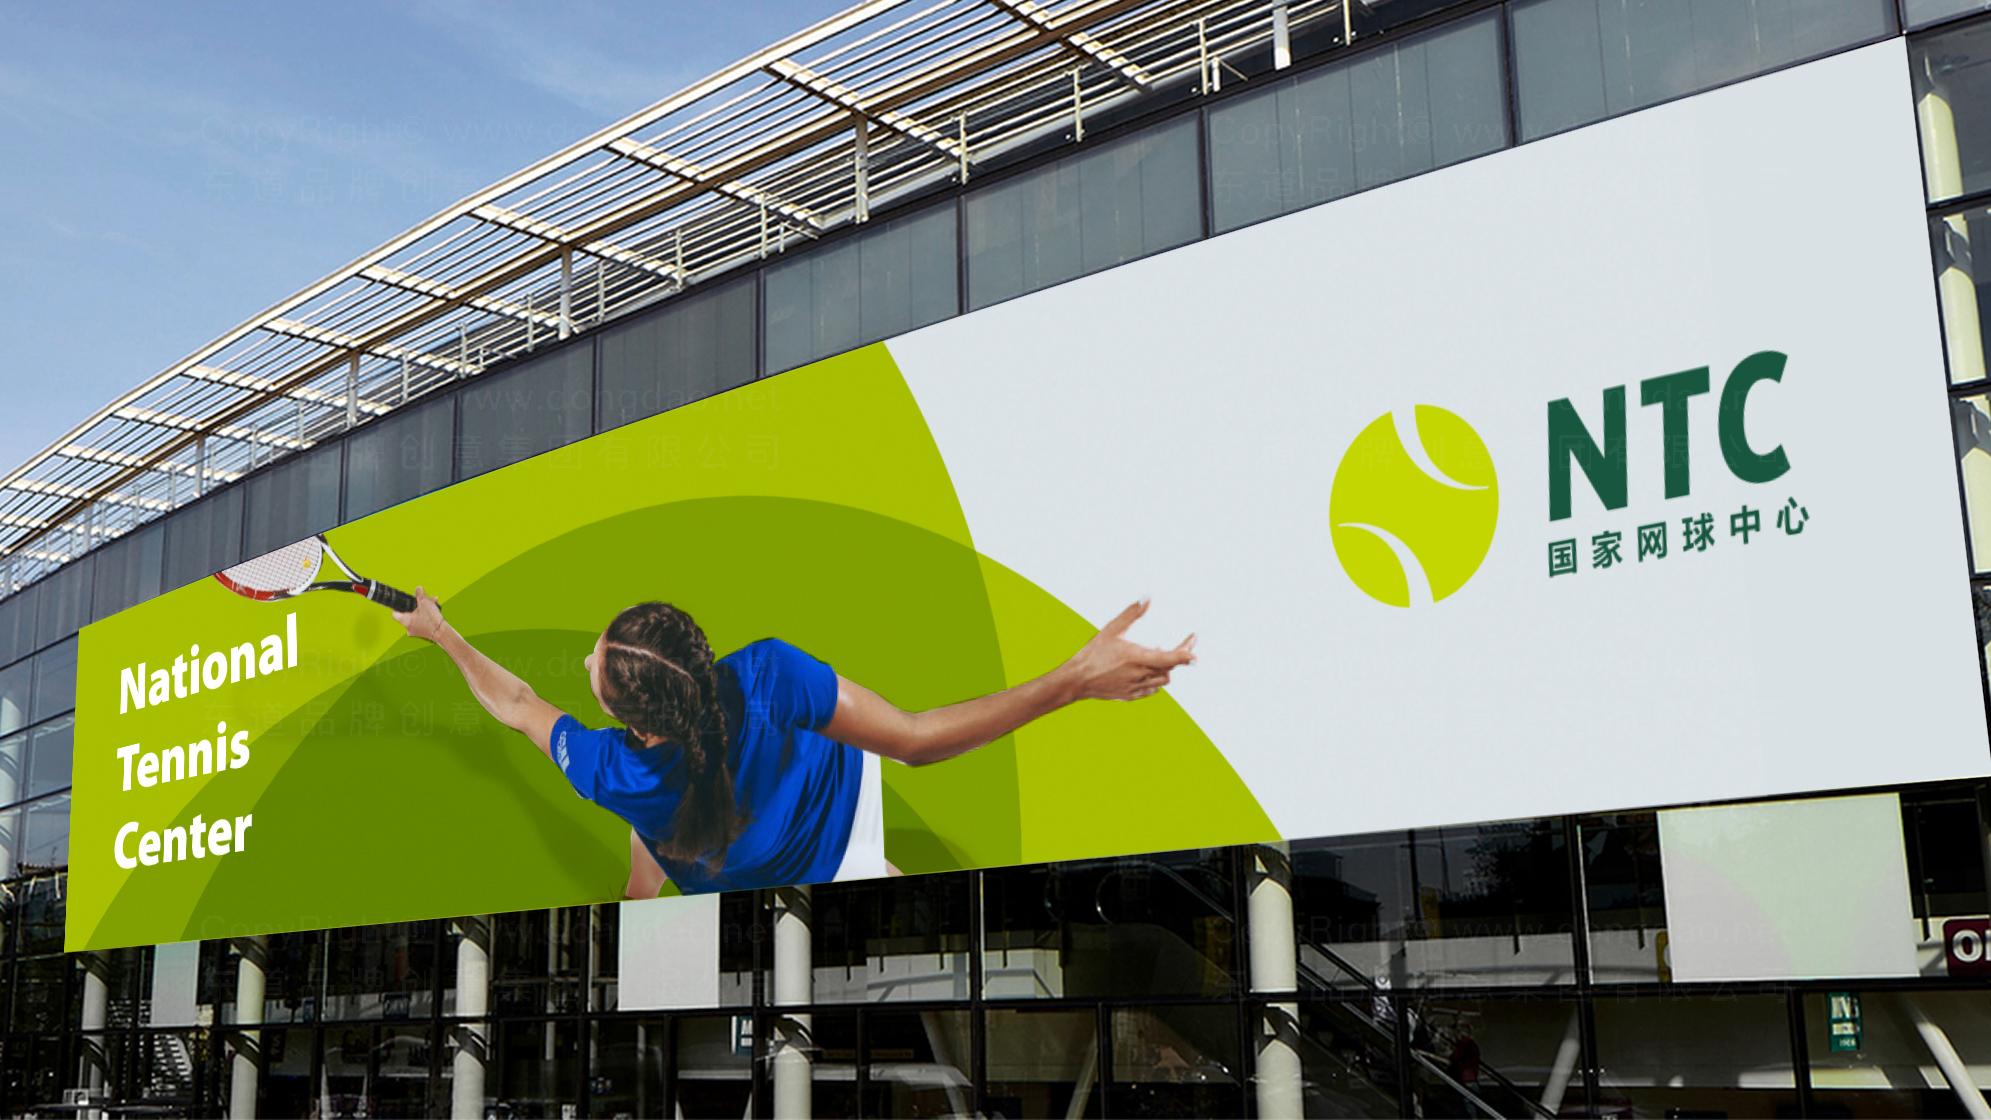 品牌设计国家网球中心标志设计应用场景_3